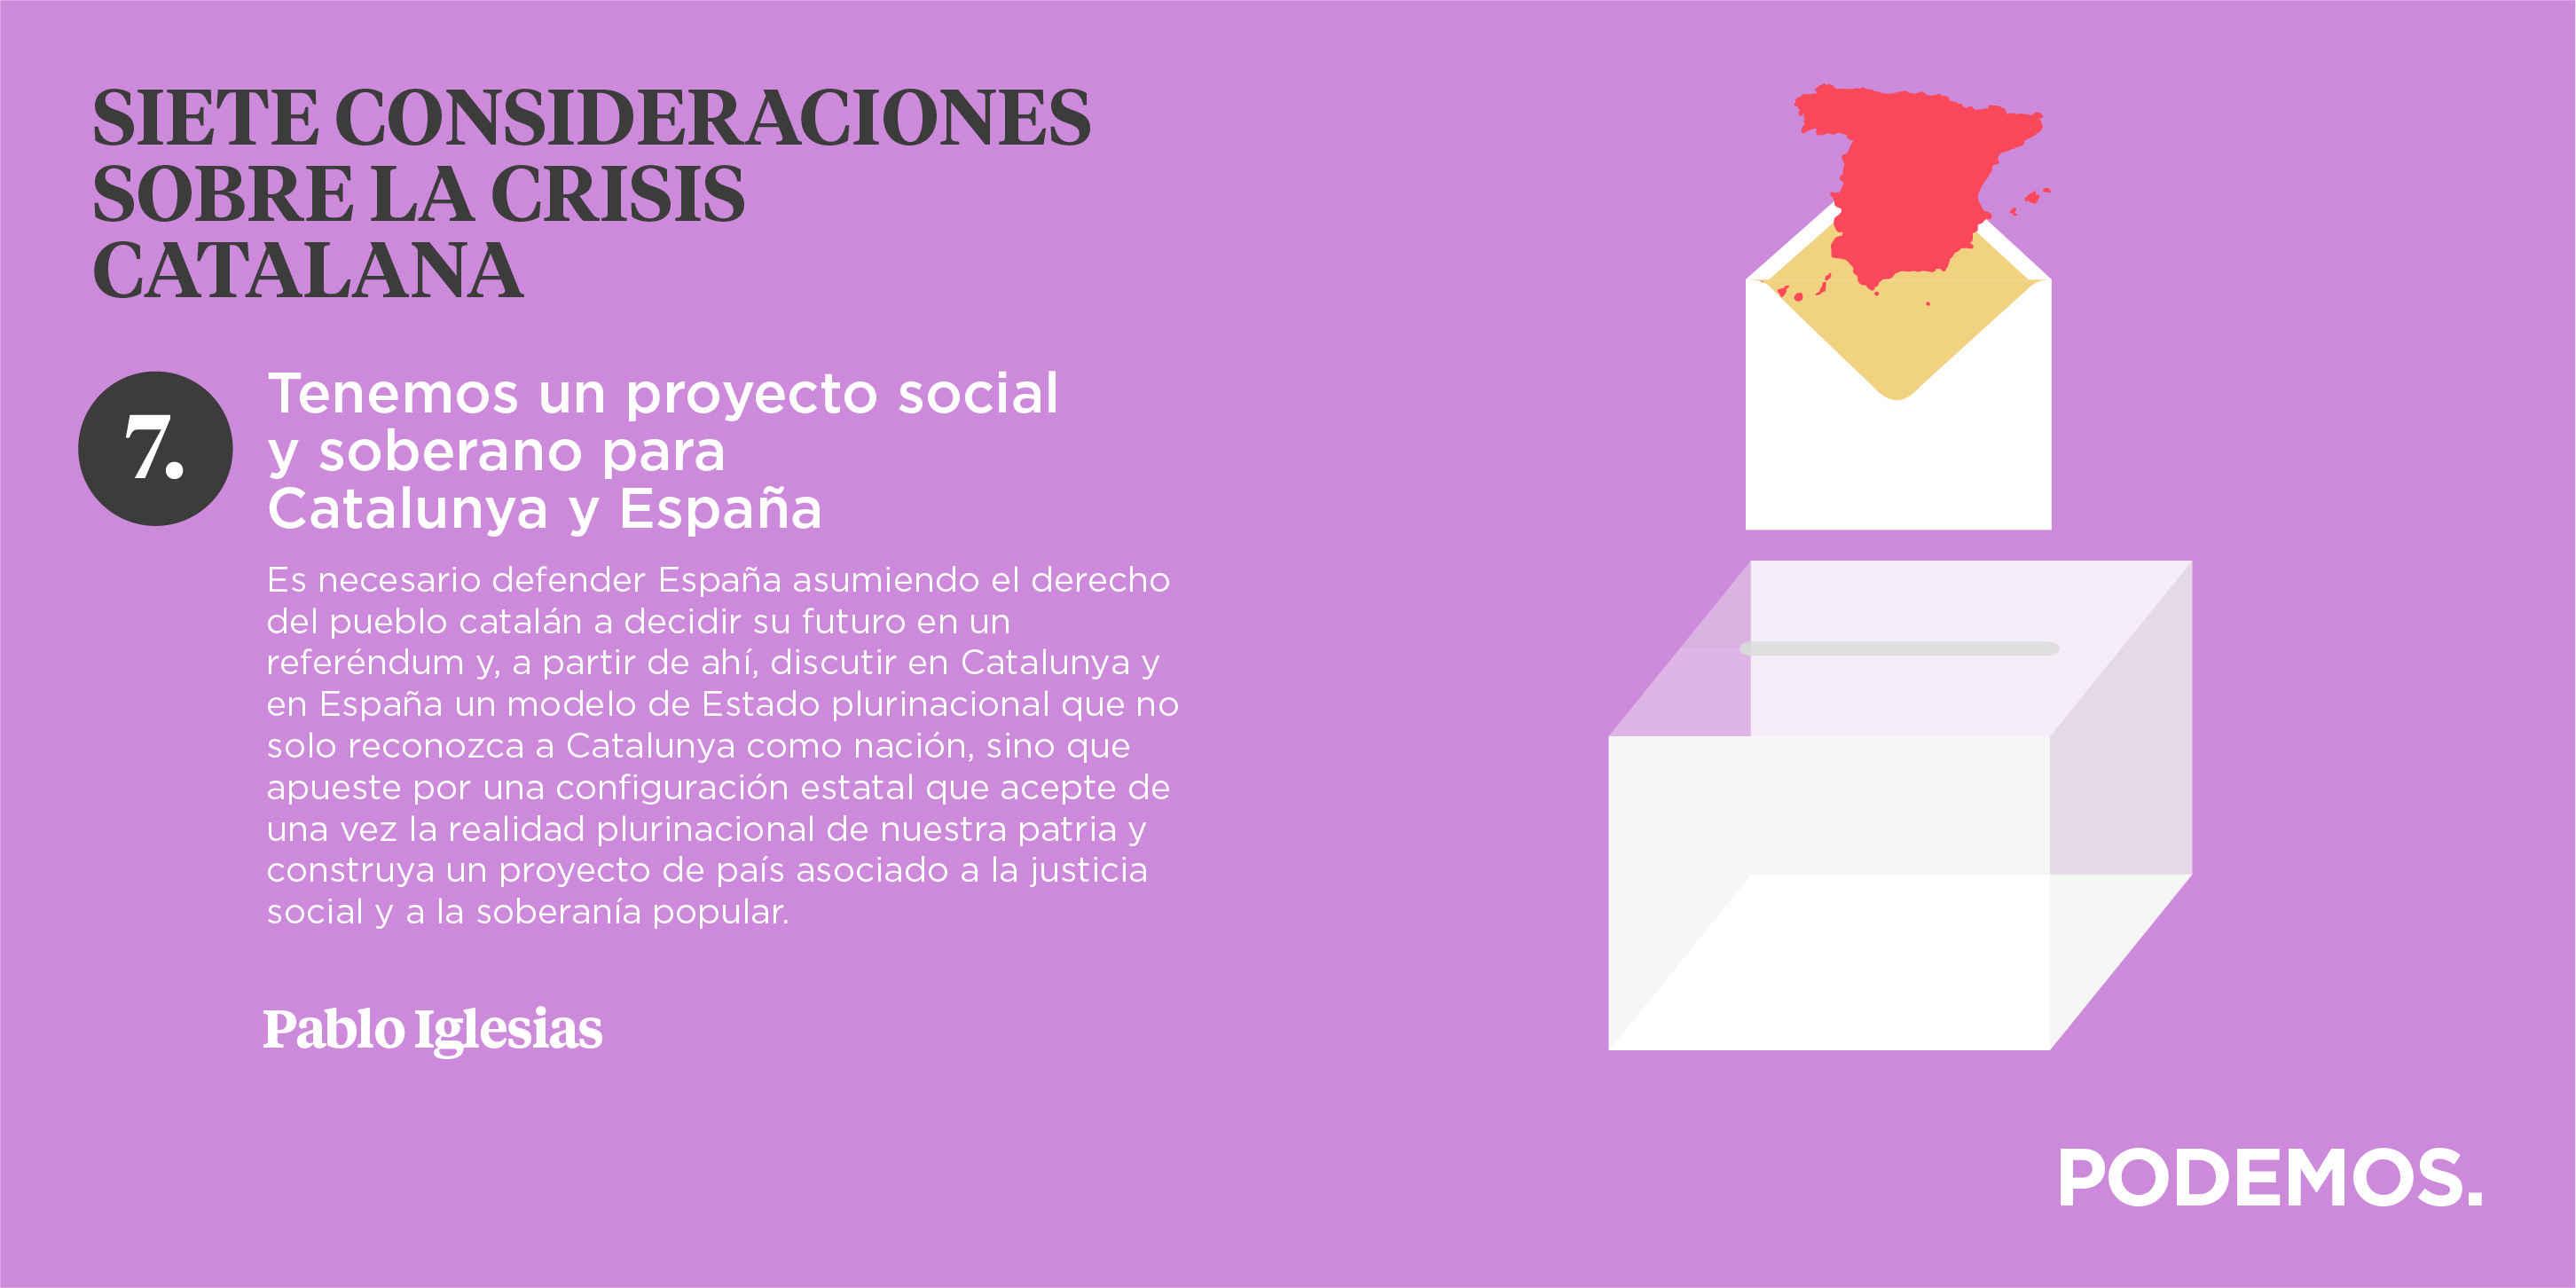 7-7_consideraciones_crisis_catalana